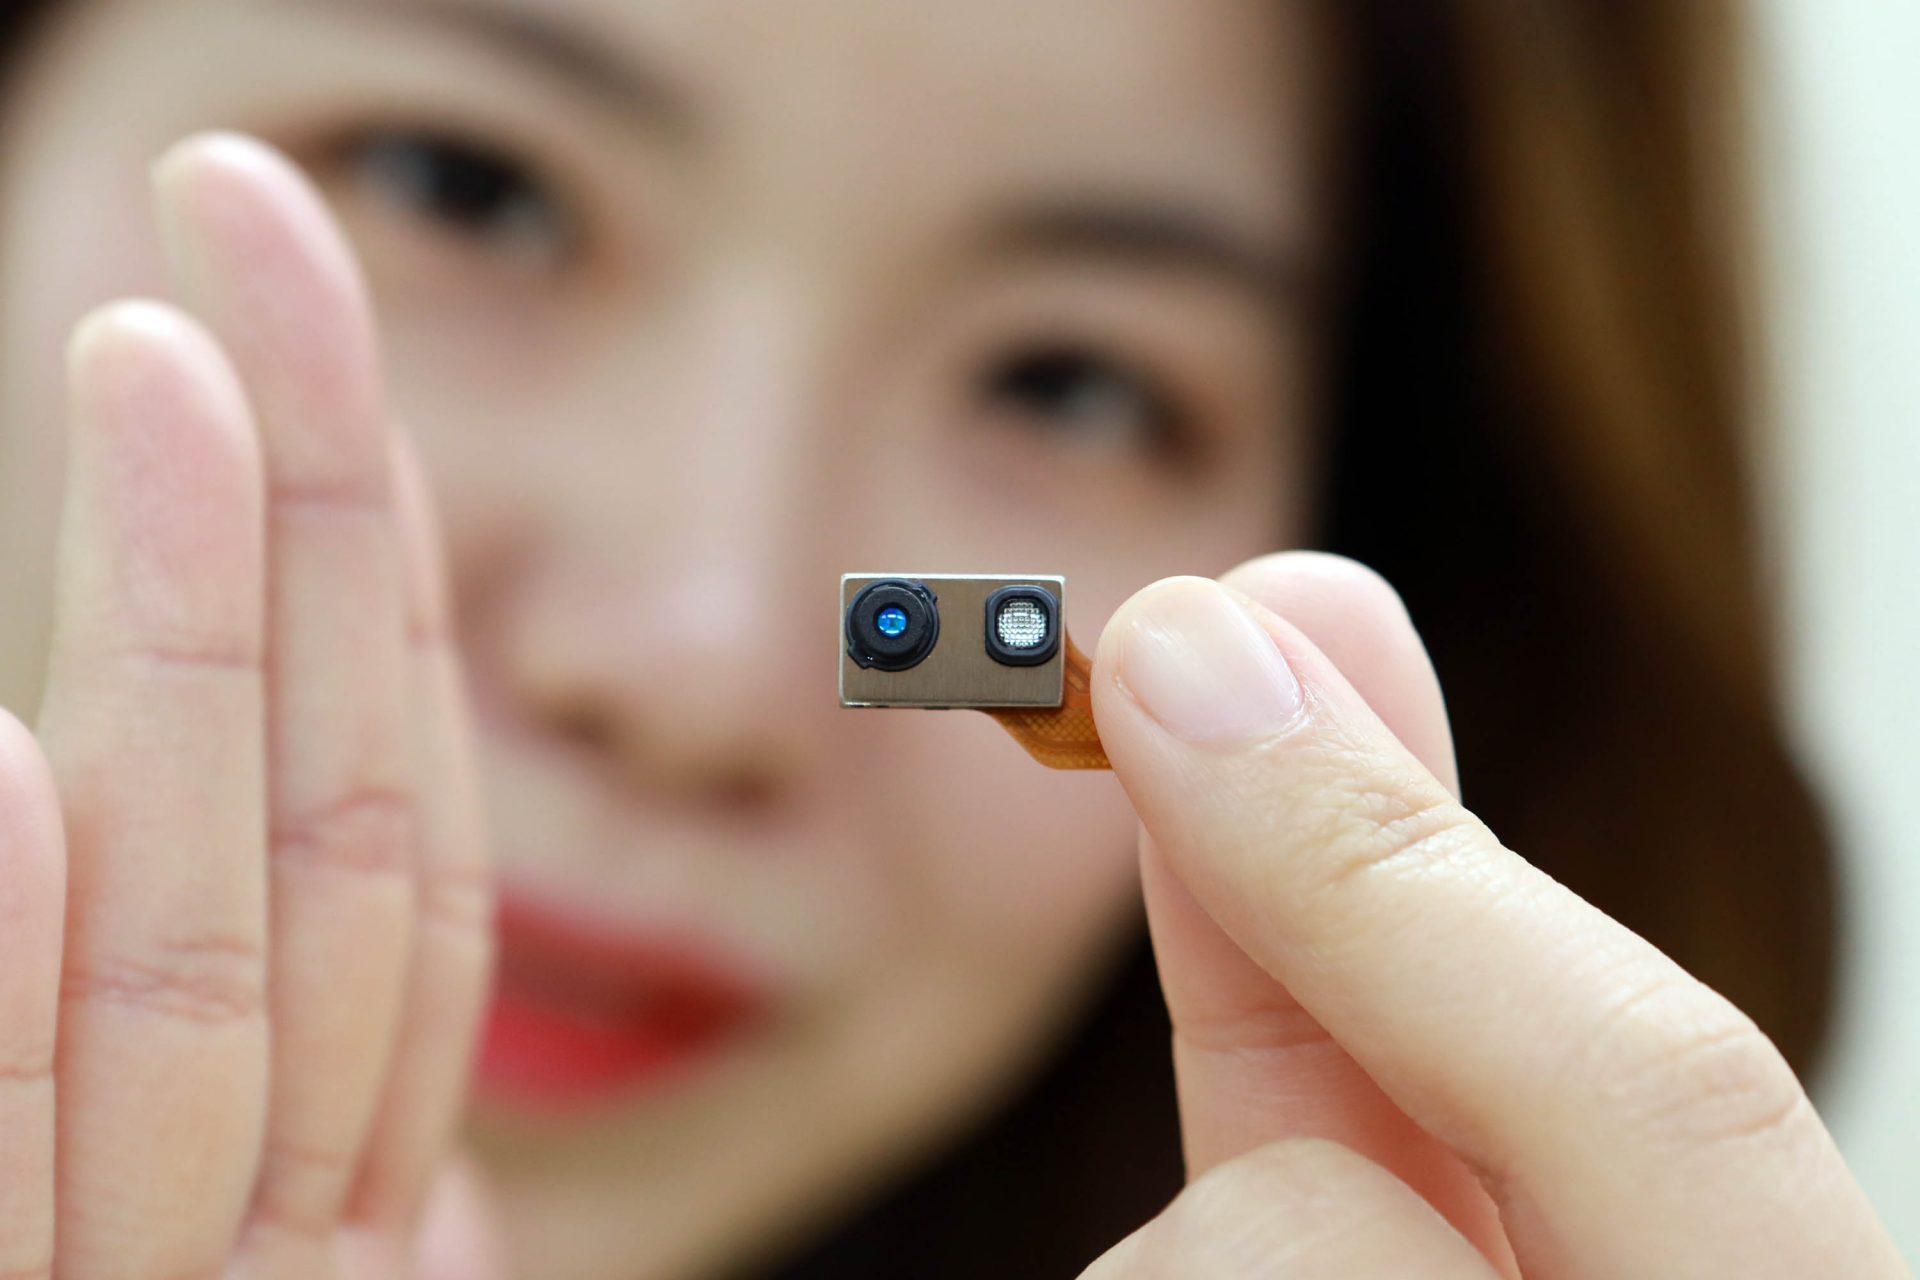 دوربین ToF چیست؟ کاربرد دوربین ToF در موبایل